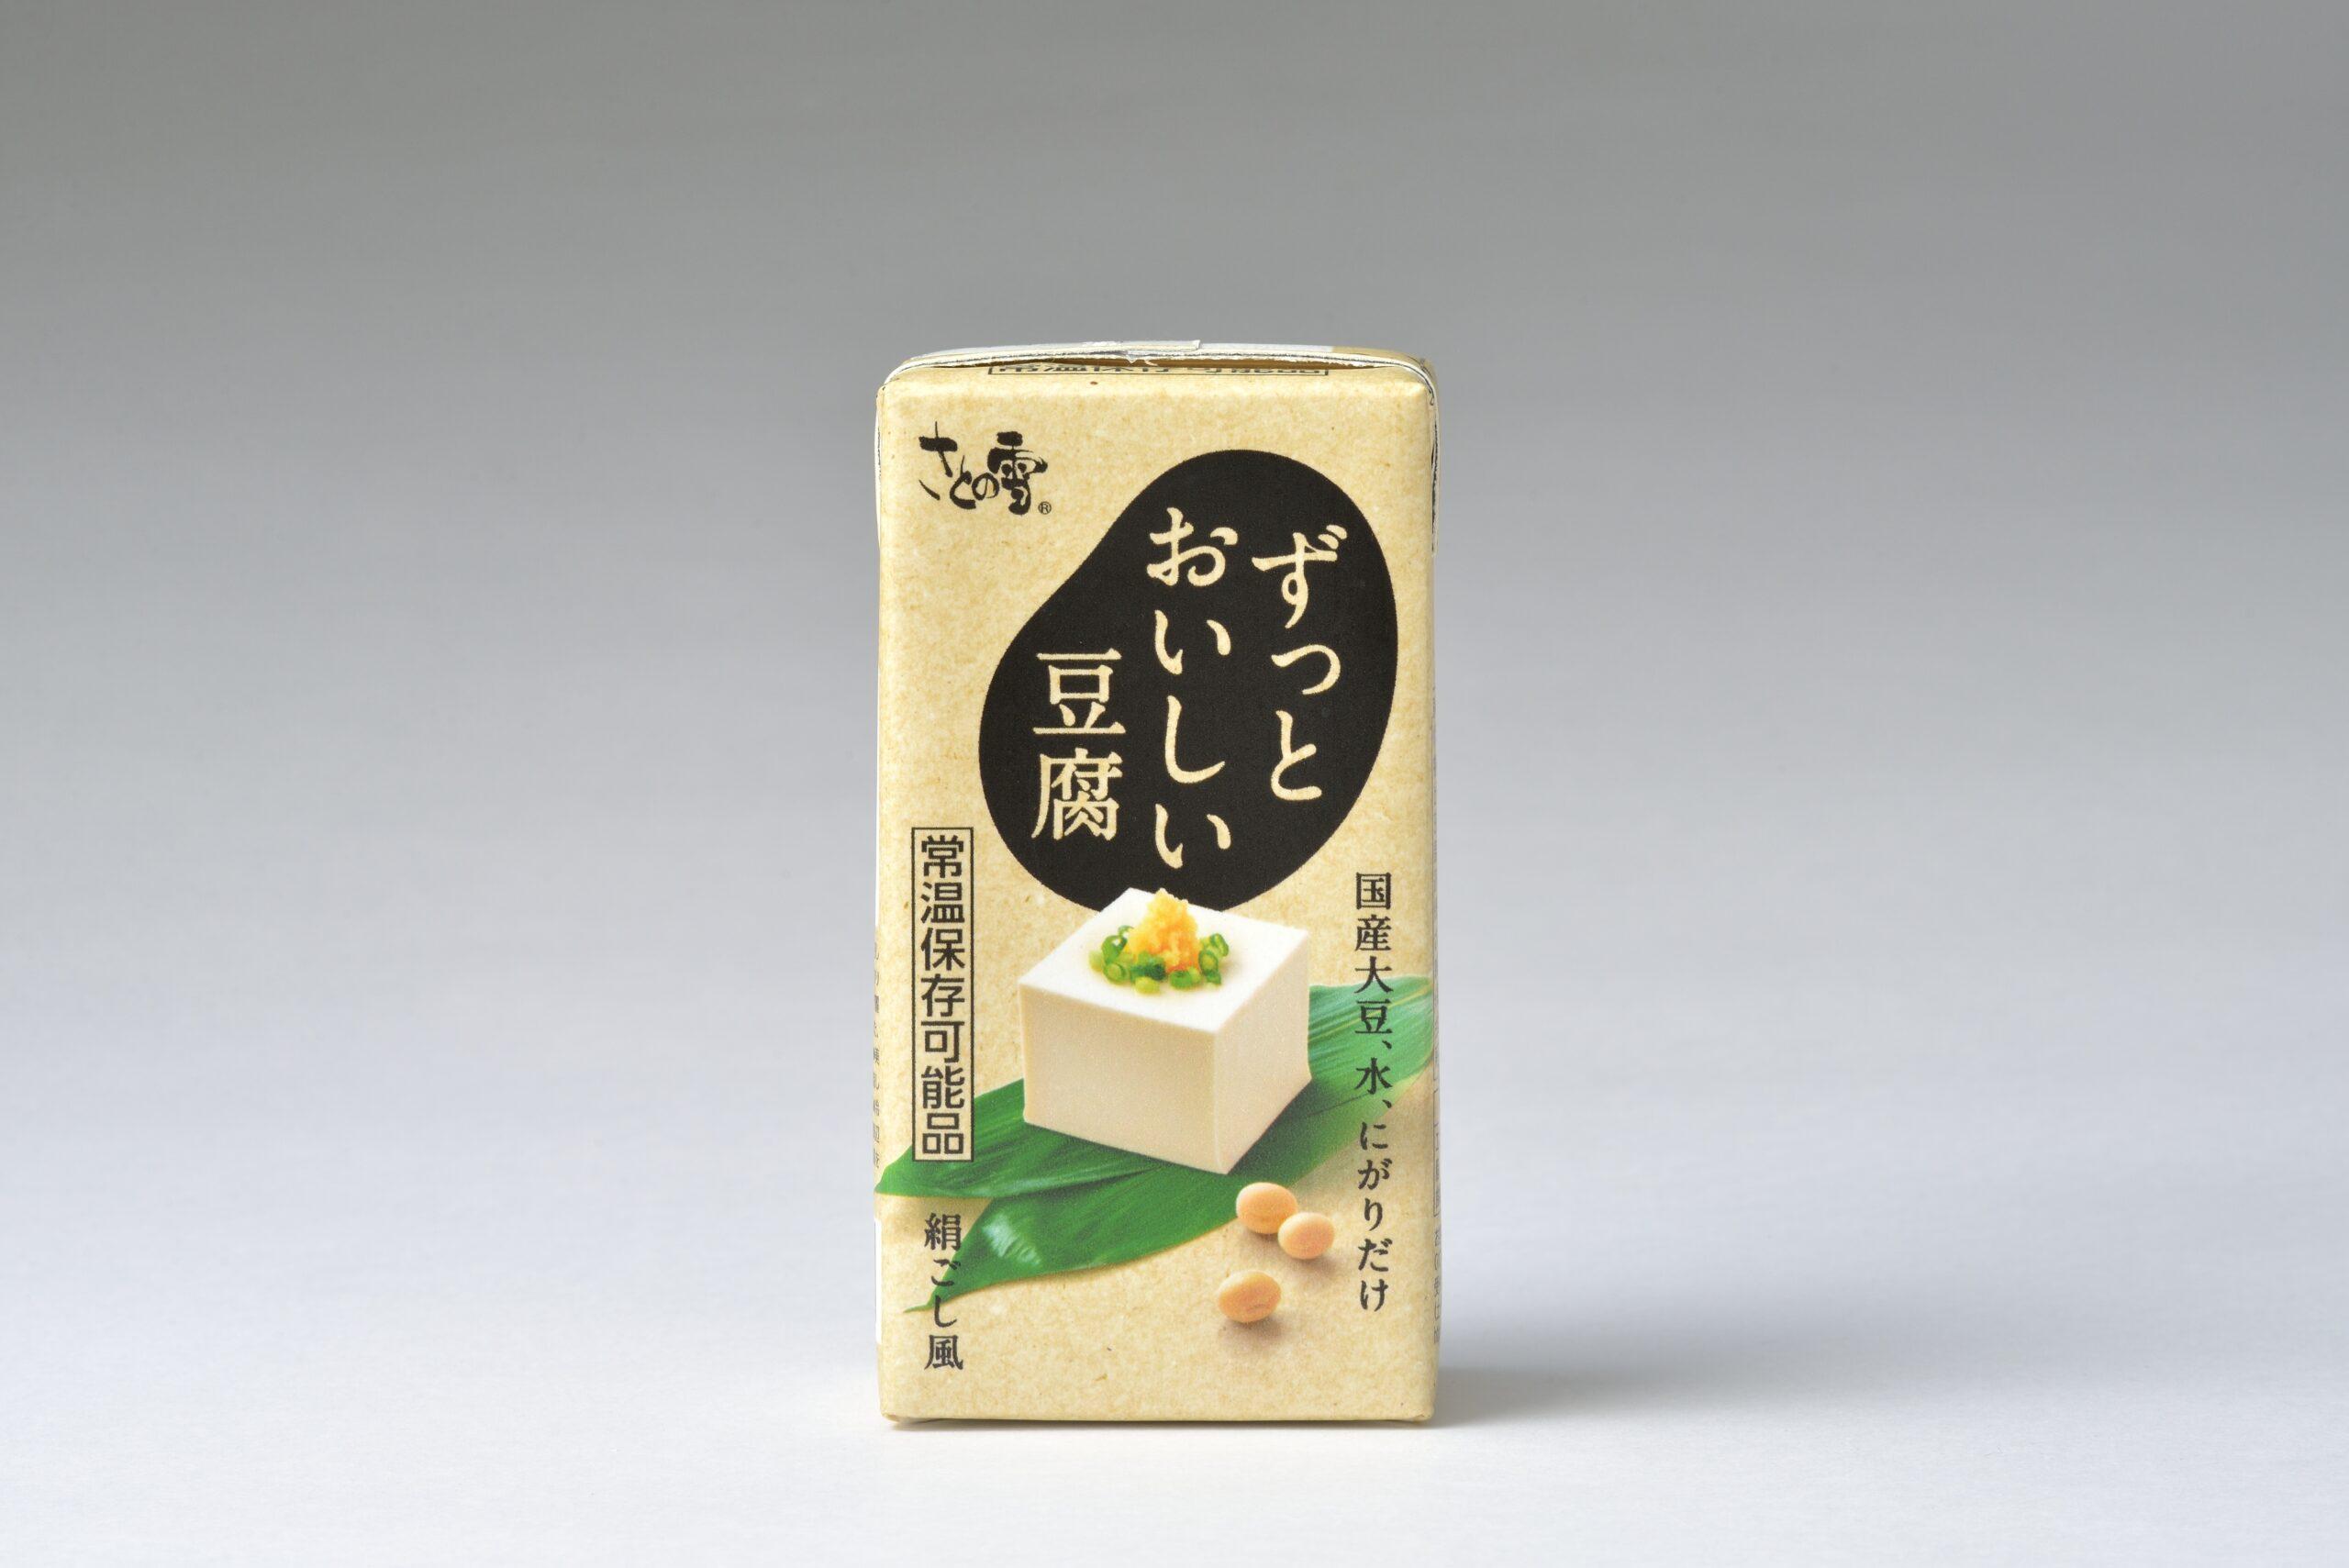 なんと120日間常温保存できる!?さとの雪食品「ずっとおいしい豆腐」新発売